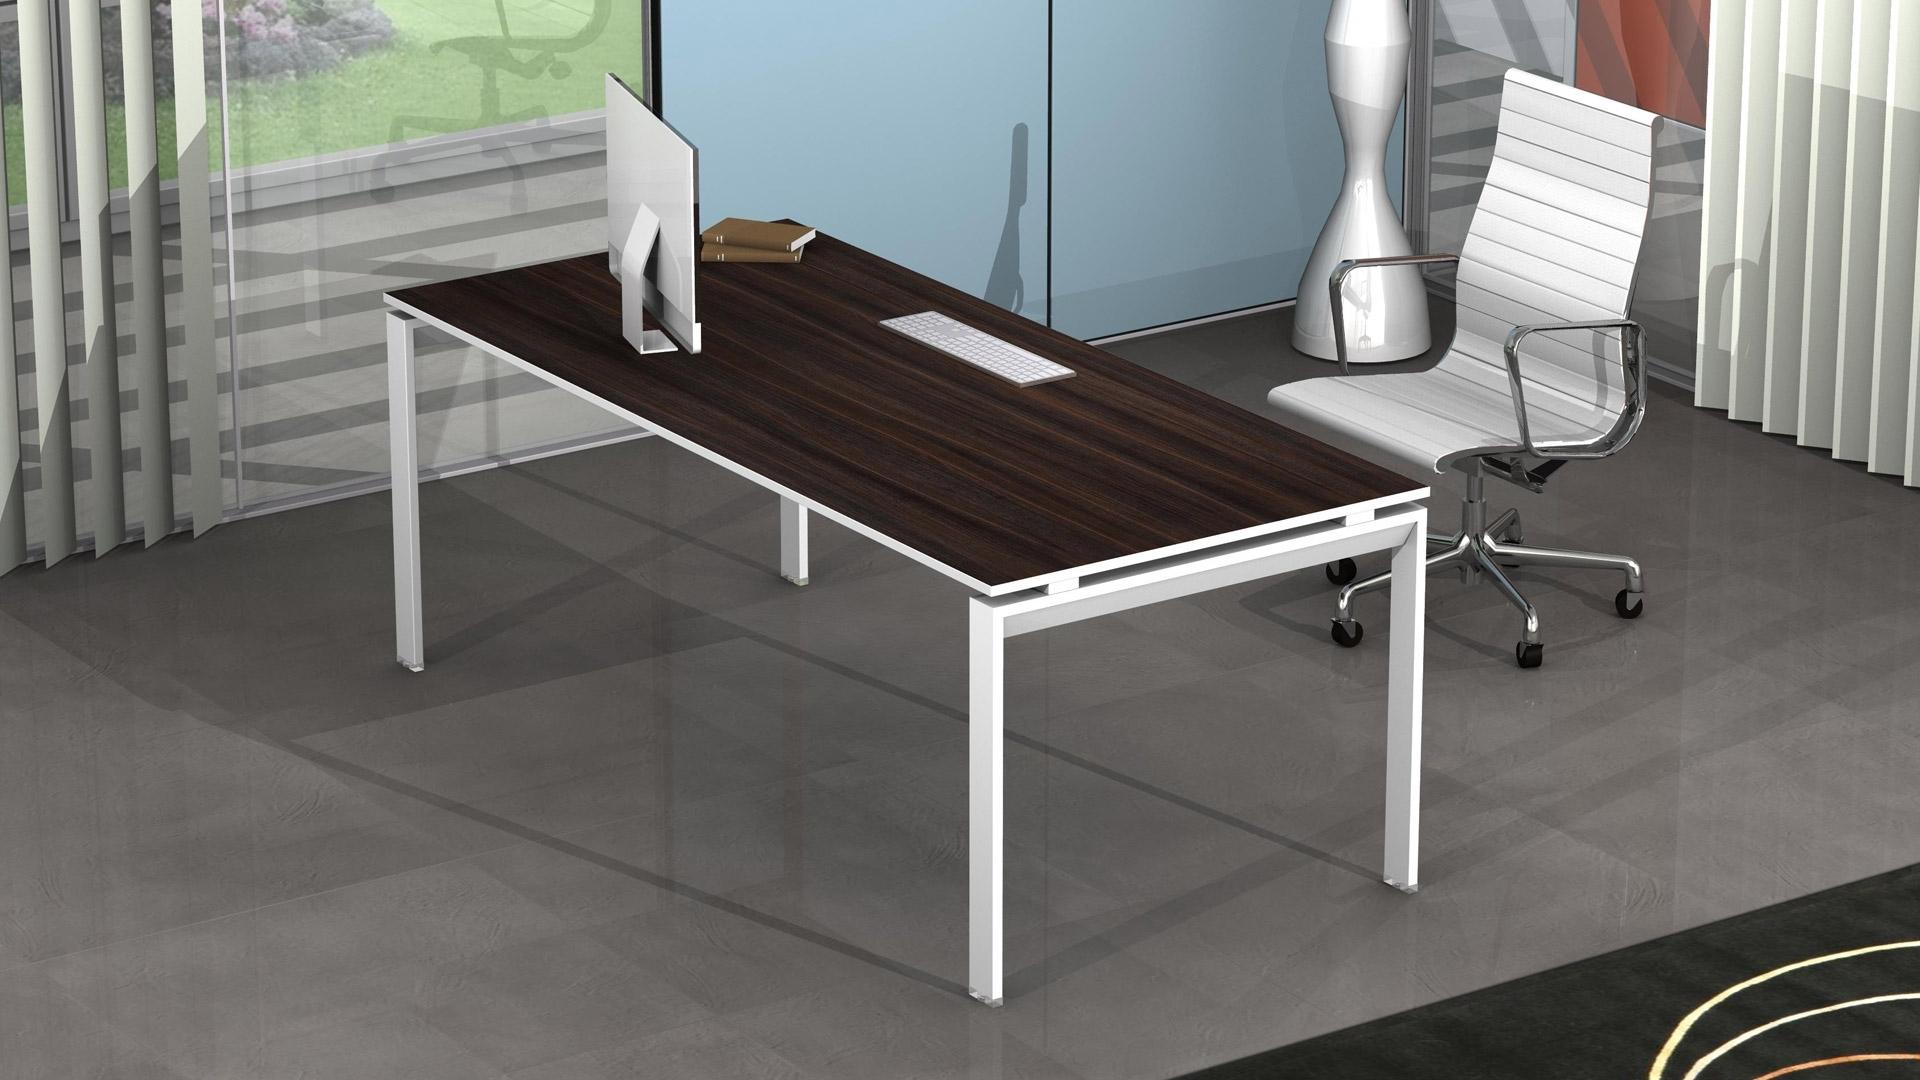 Fumustore garanzia e qualit dei mobili per ufficio for Vendita mobili terni